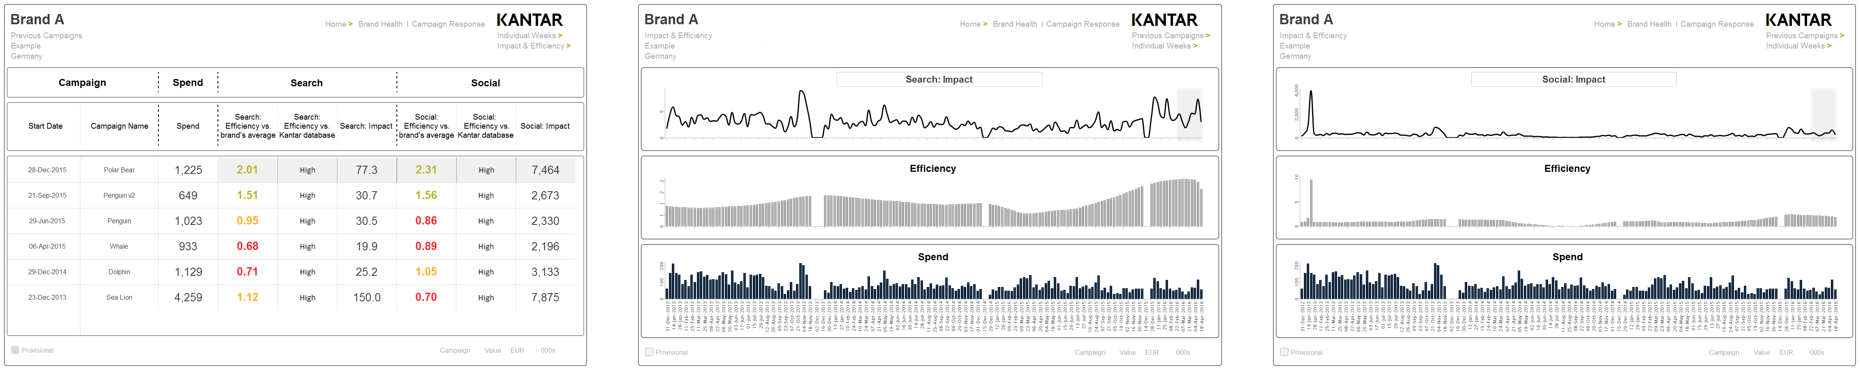 Dashboard: Wirkungsdaten im Match mit externen Datenströmen (Search & Social)